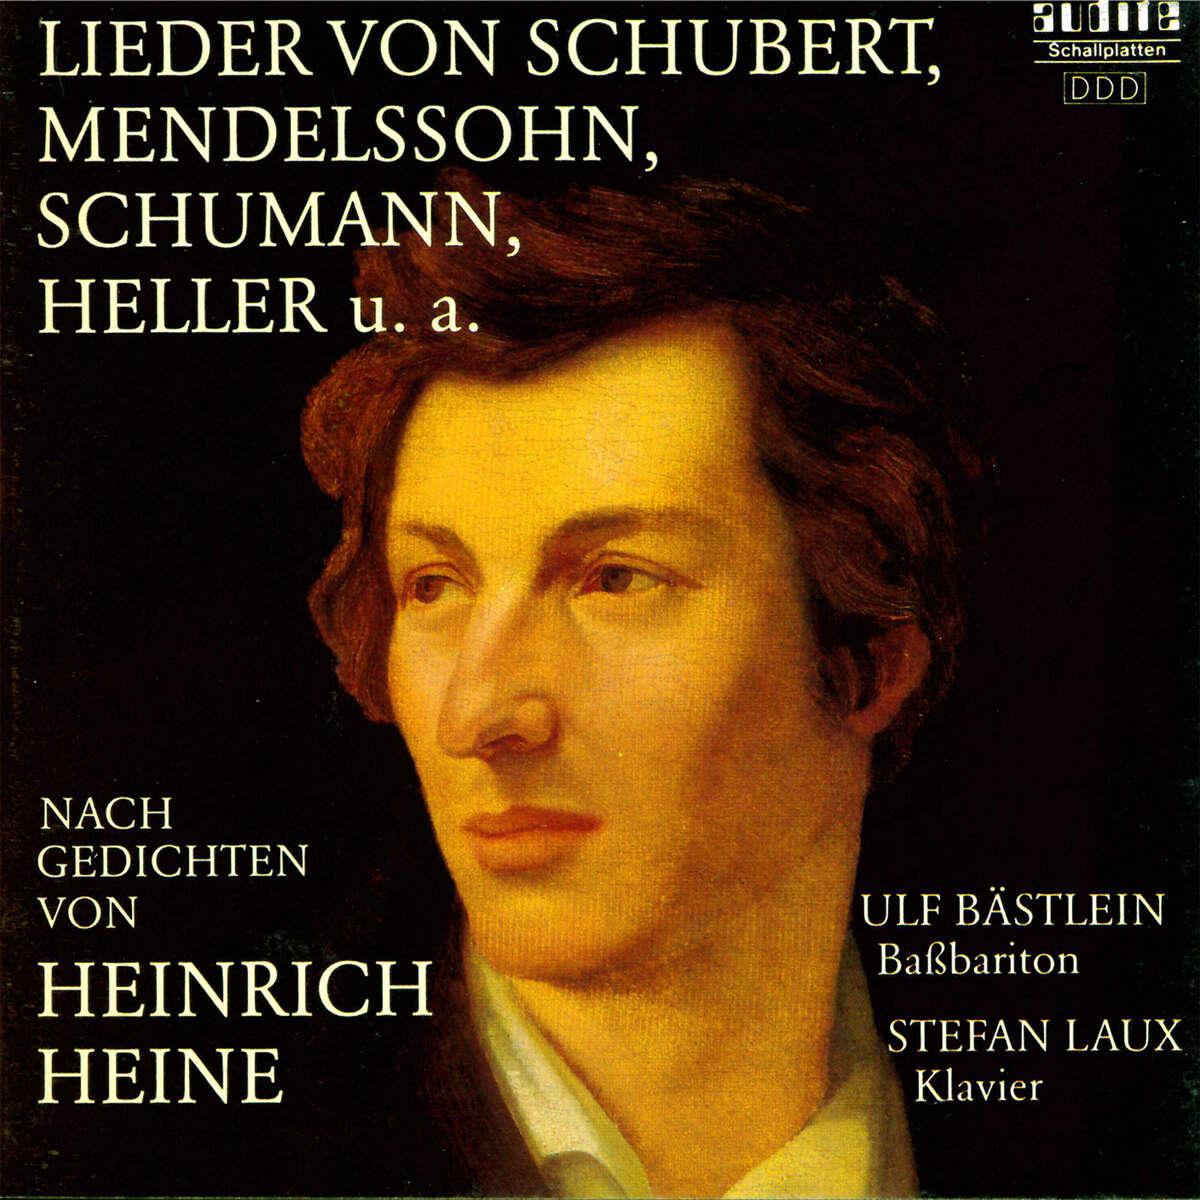 Lieder nach Gedichten von Heinrich Heine